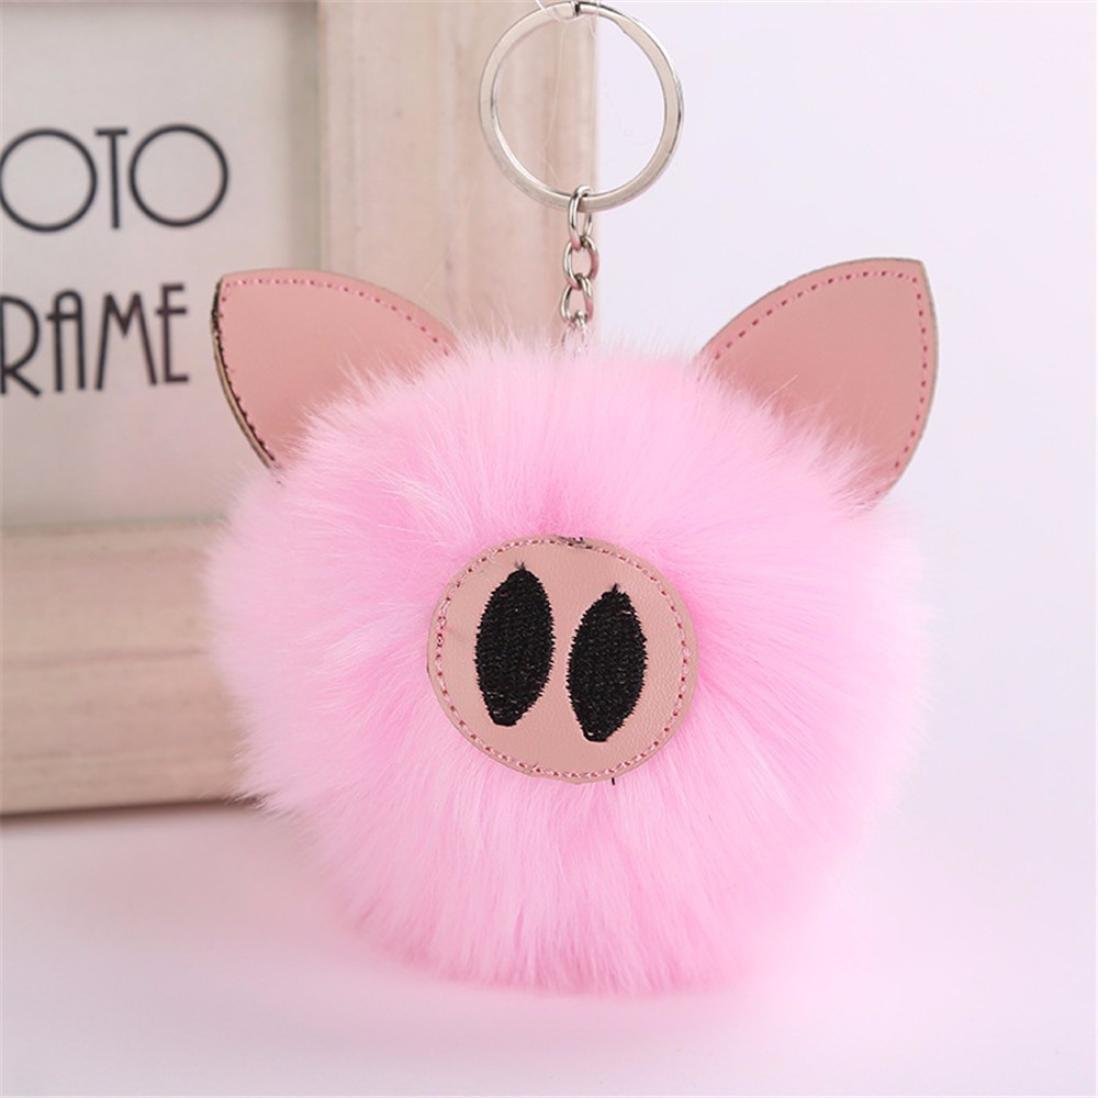 Amazon.com: lavany Pom Pom Llaveros, cute Pig llavero bolsa ...